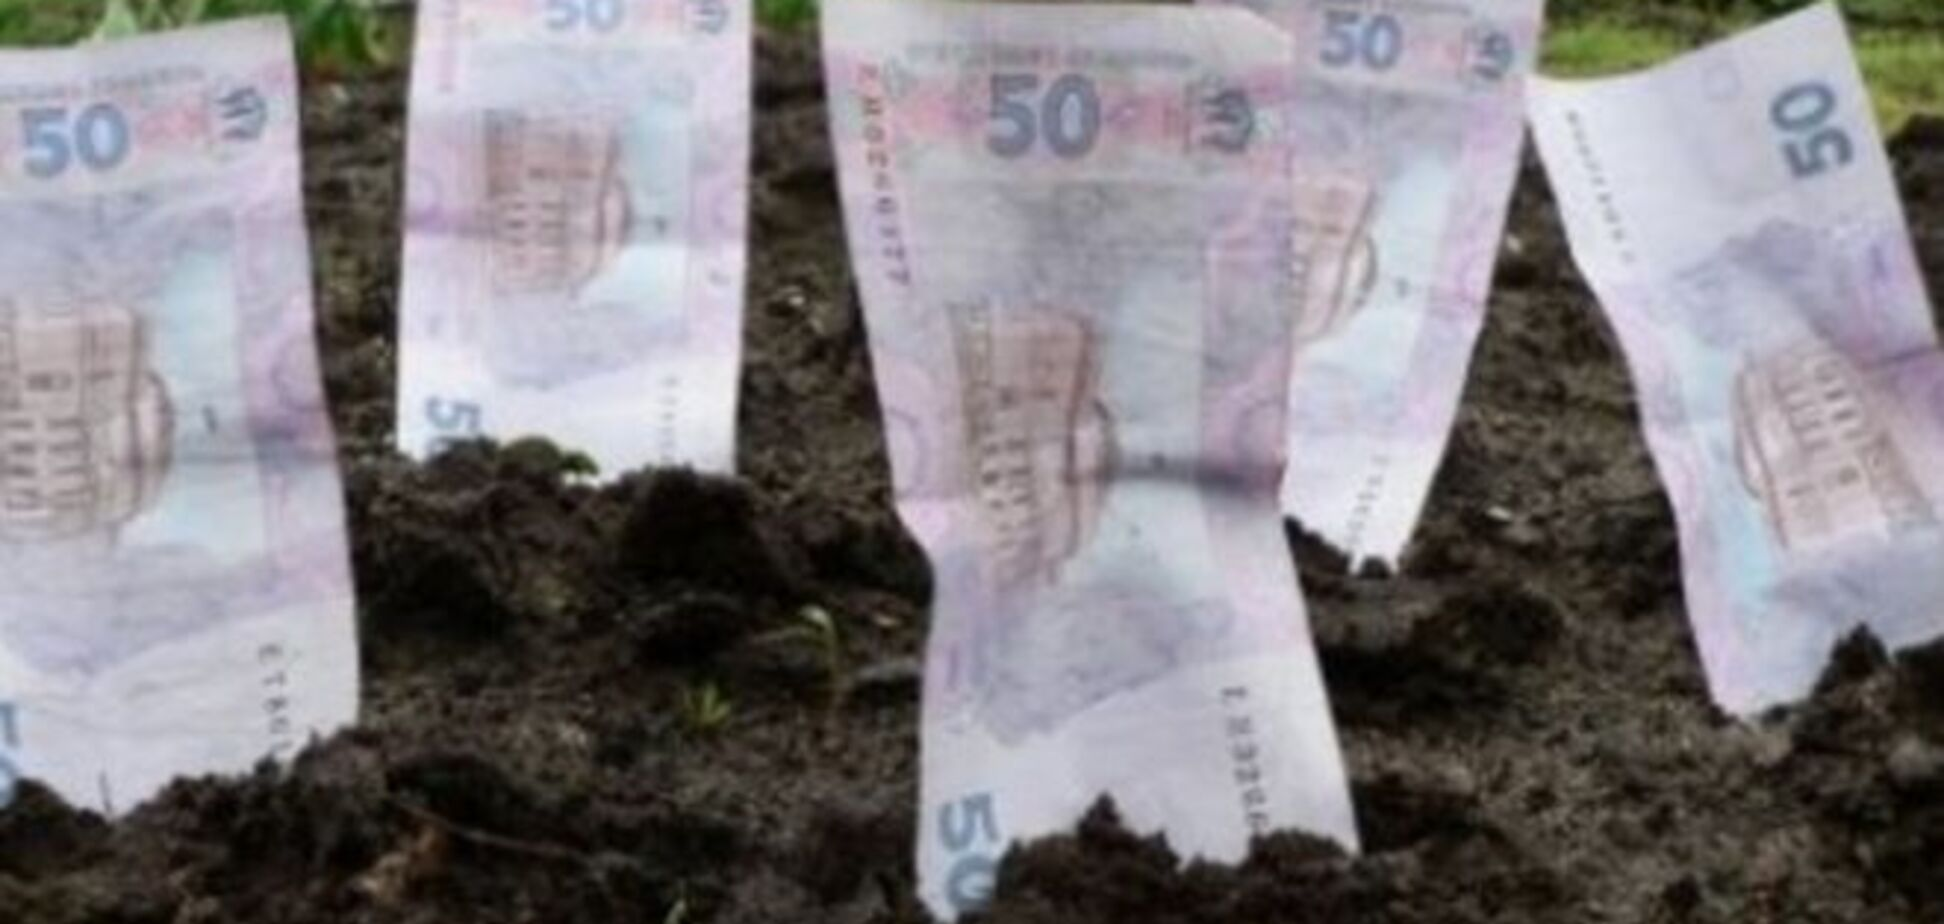 Народные депутаты разрешили властям увеличить арендую плату за землю